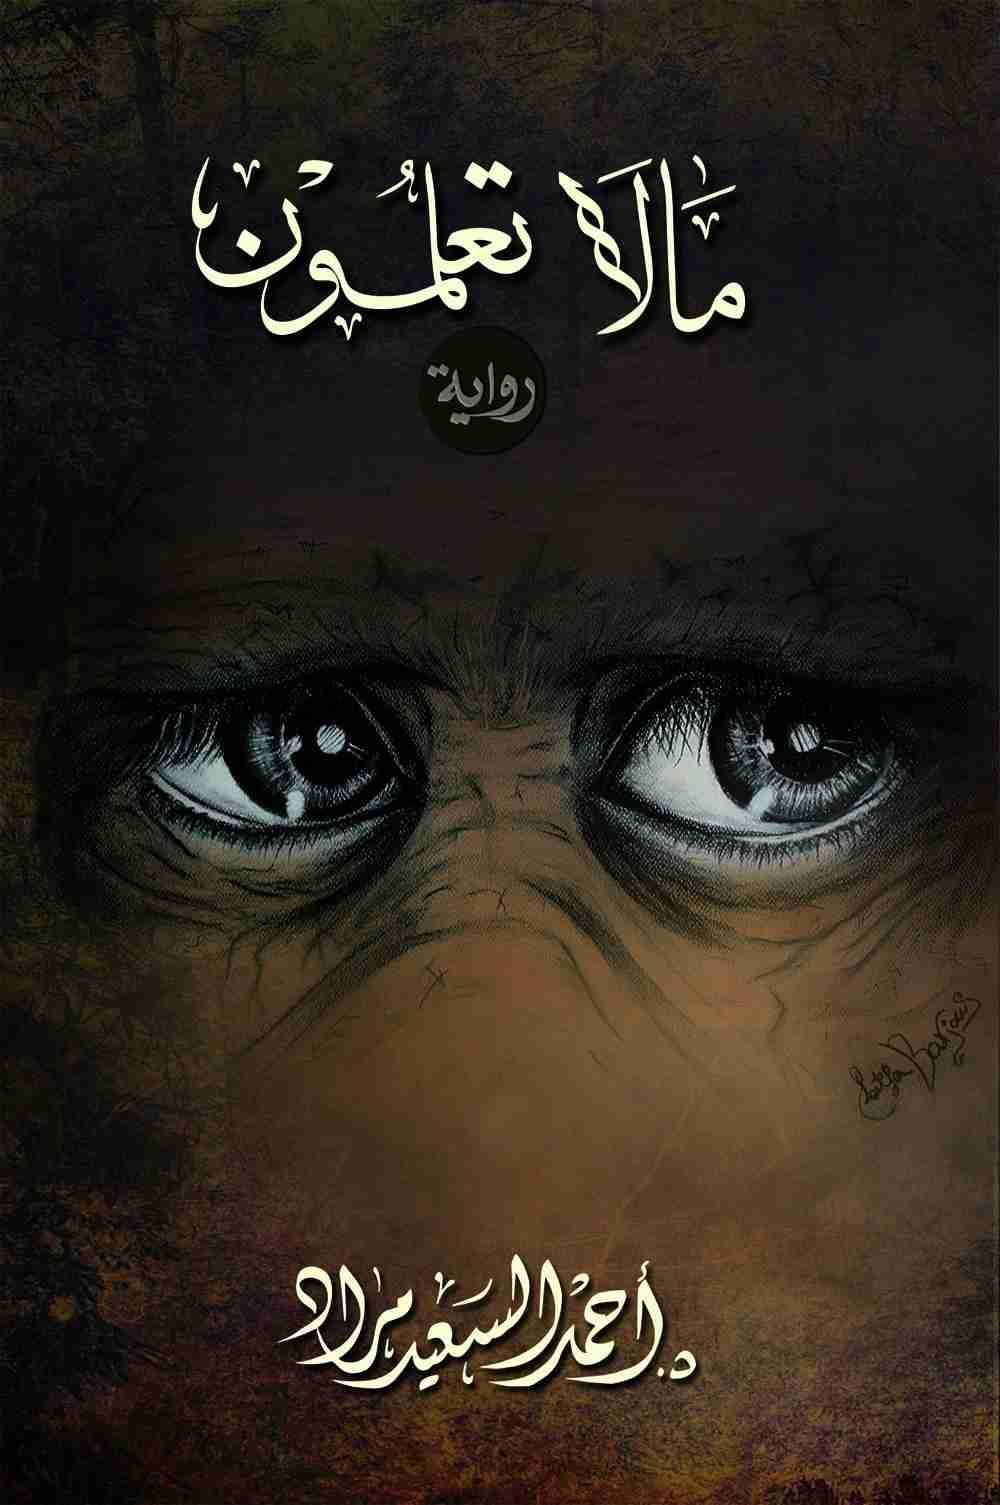 رواية ما لا تعلمون لـ أحمد السعيد مراد